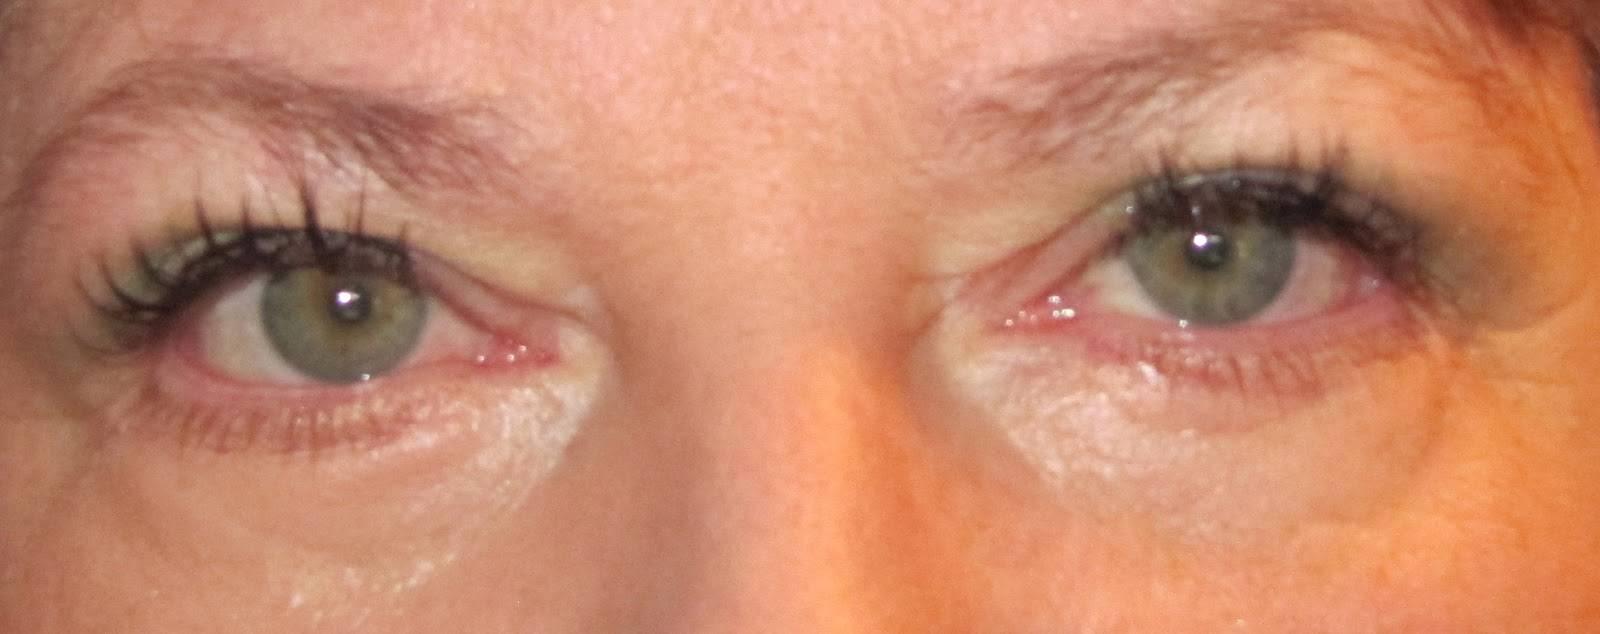 Воспалительные заболевания век (блефарит, ячмень)